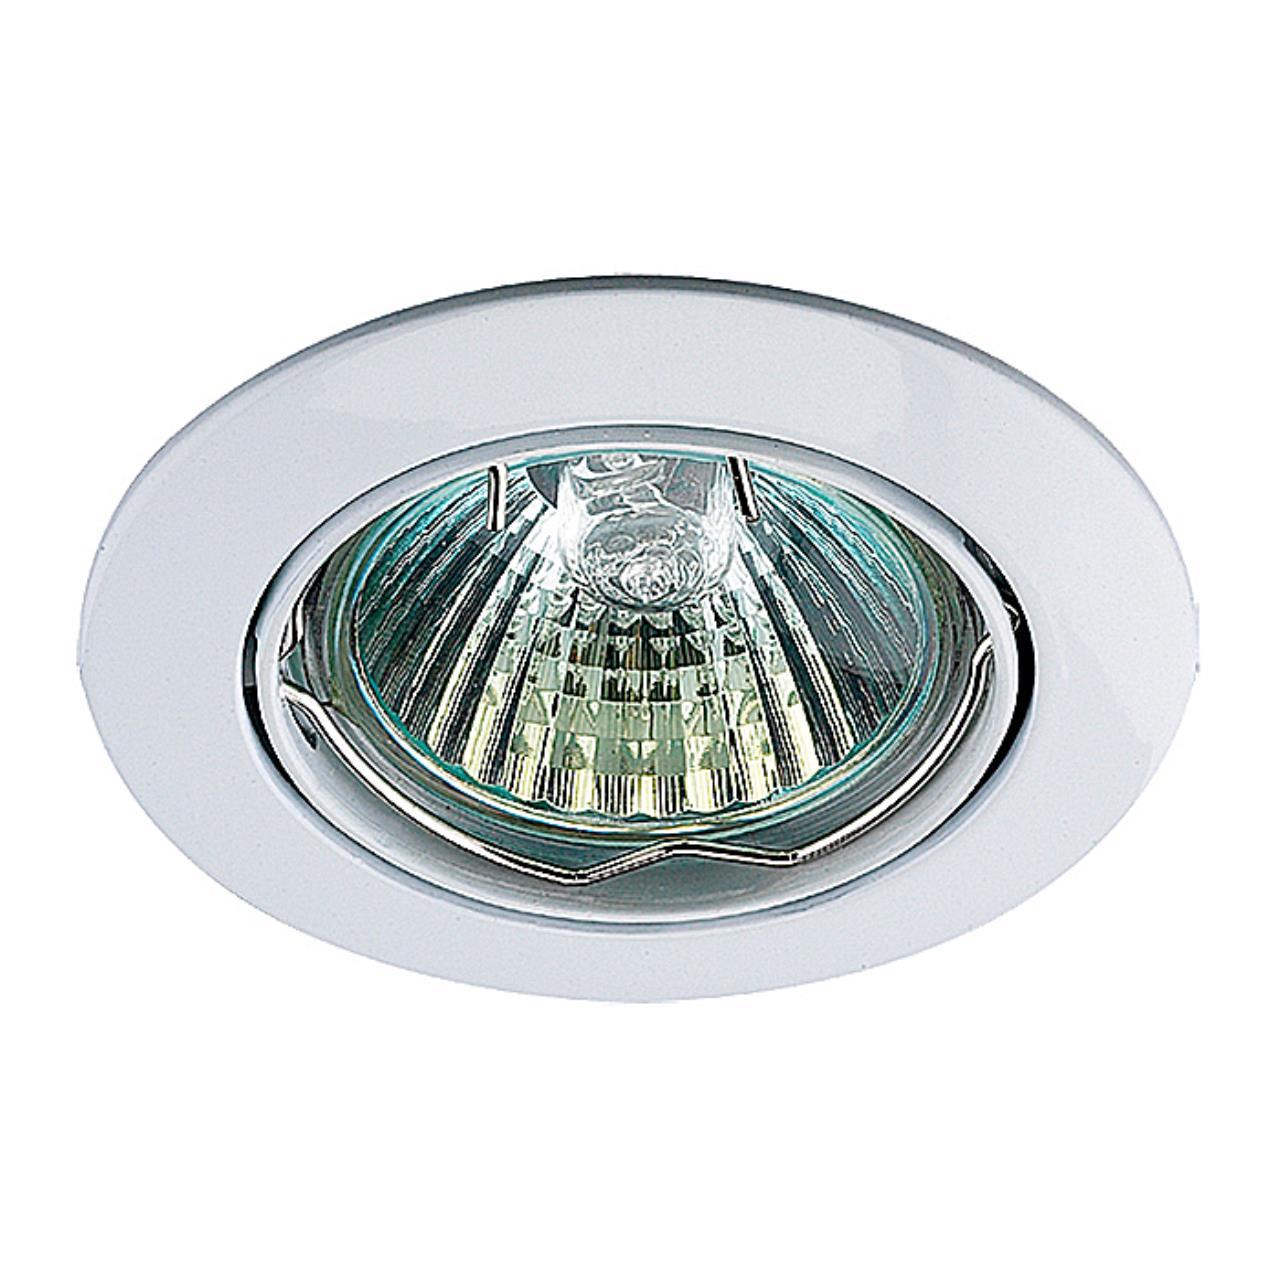 369100 SPOT NT09 135 белый свет Встраиваемый светильник IP20 GX5.3 50W 12V CROWN